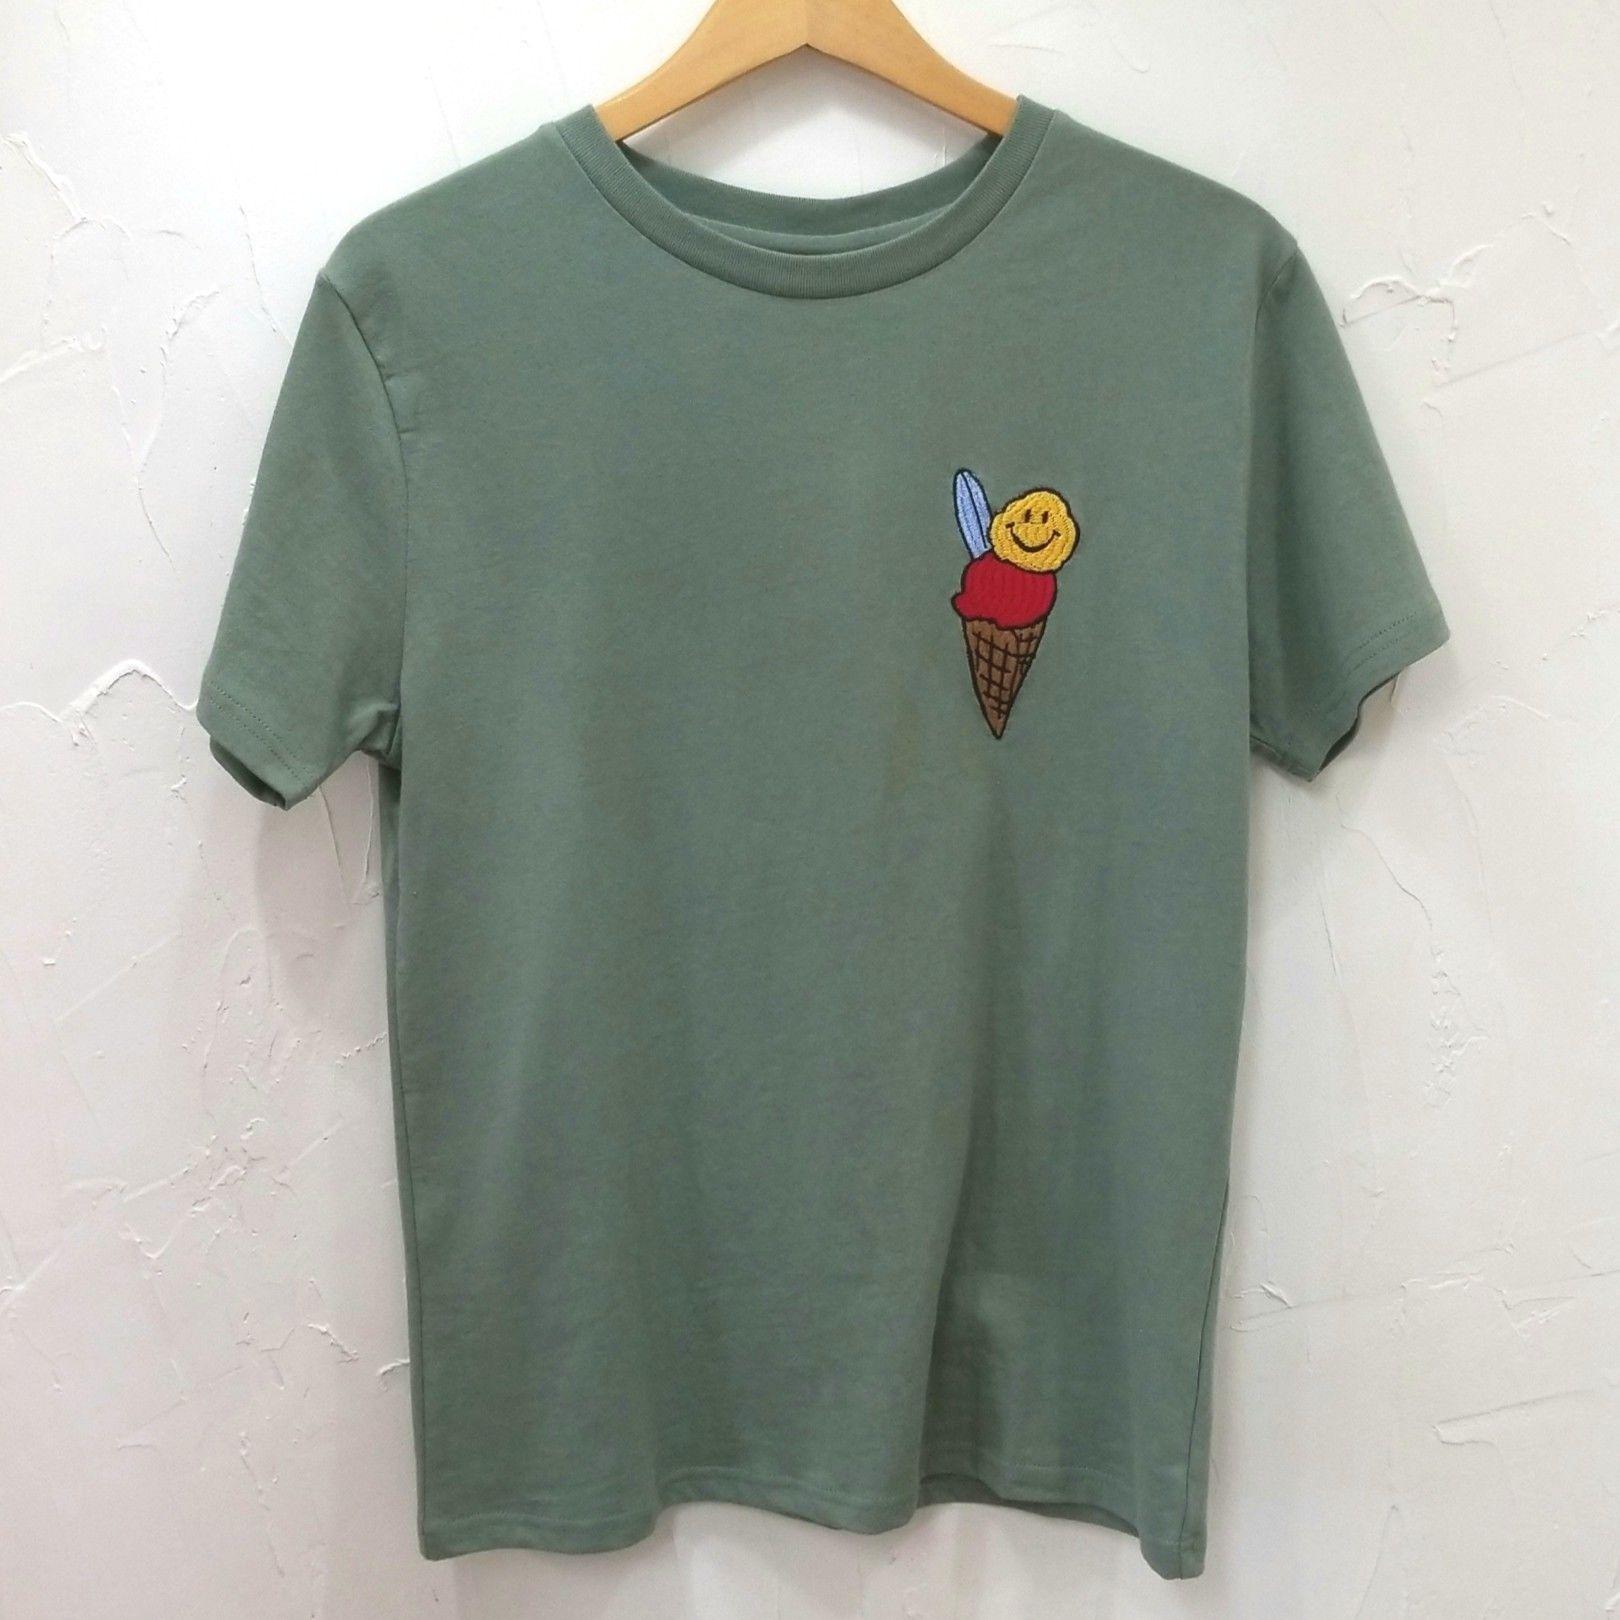 アイス刺繍TEE(ユニセックス)